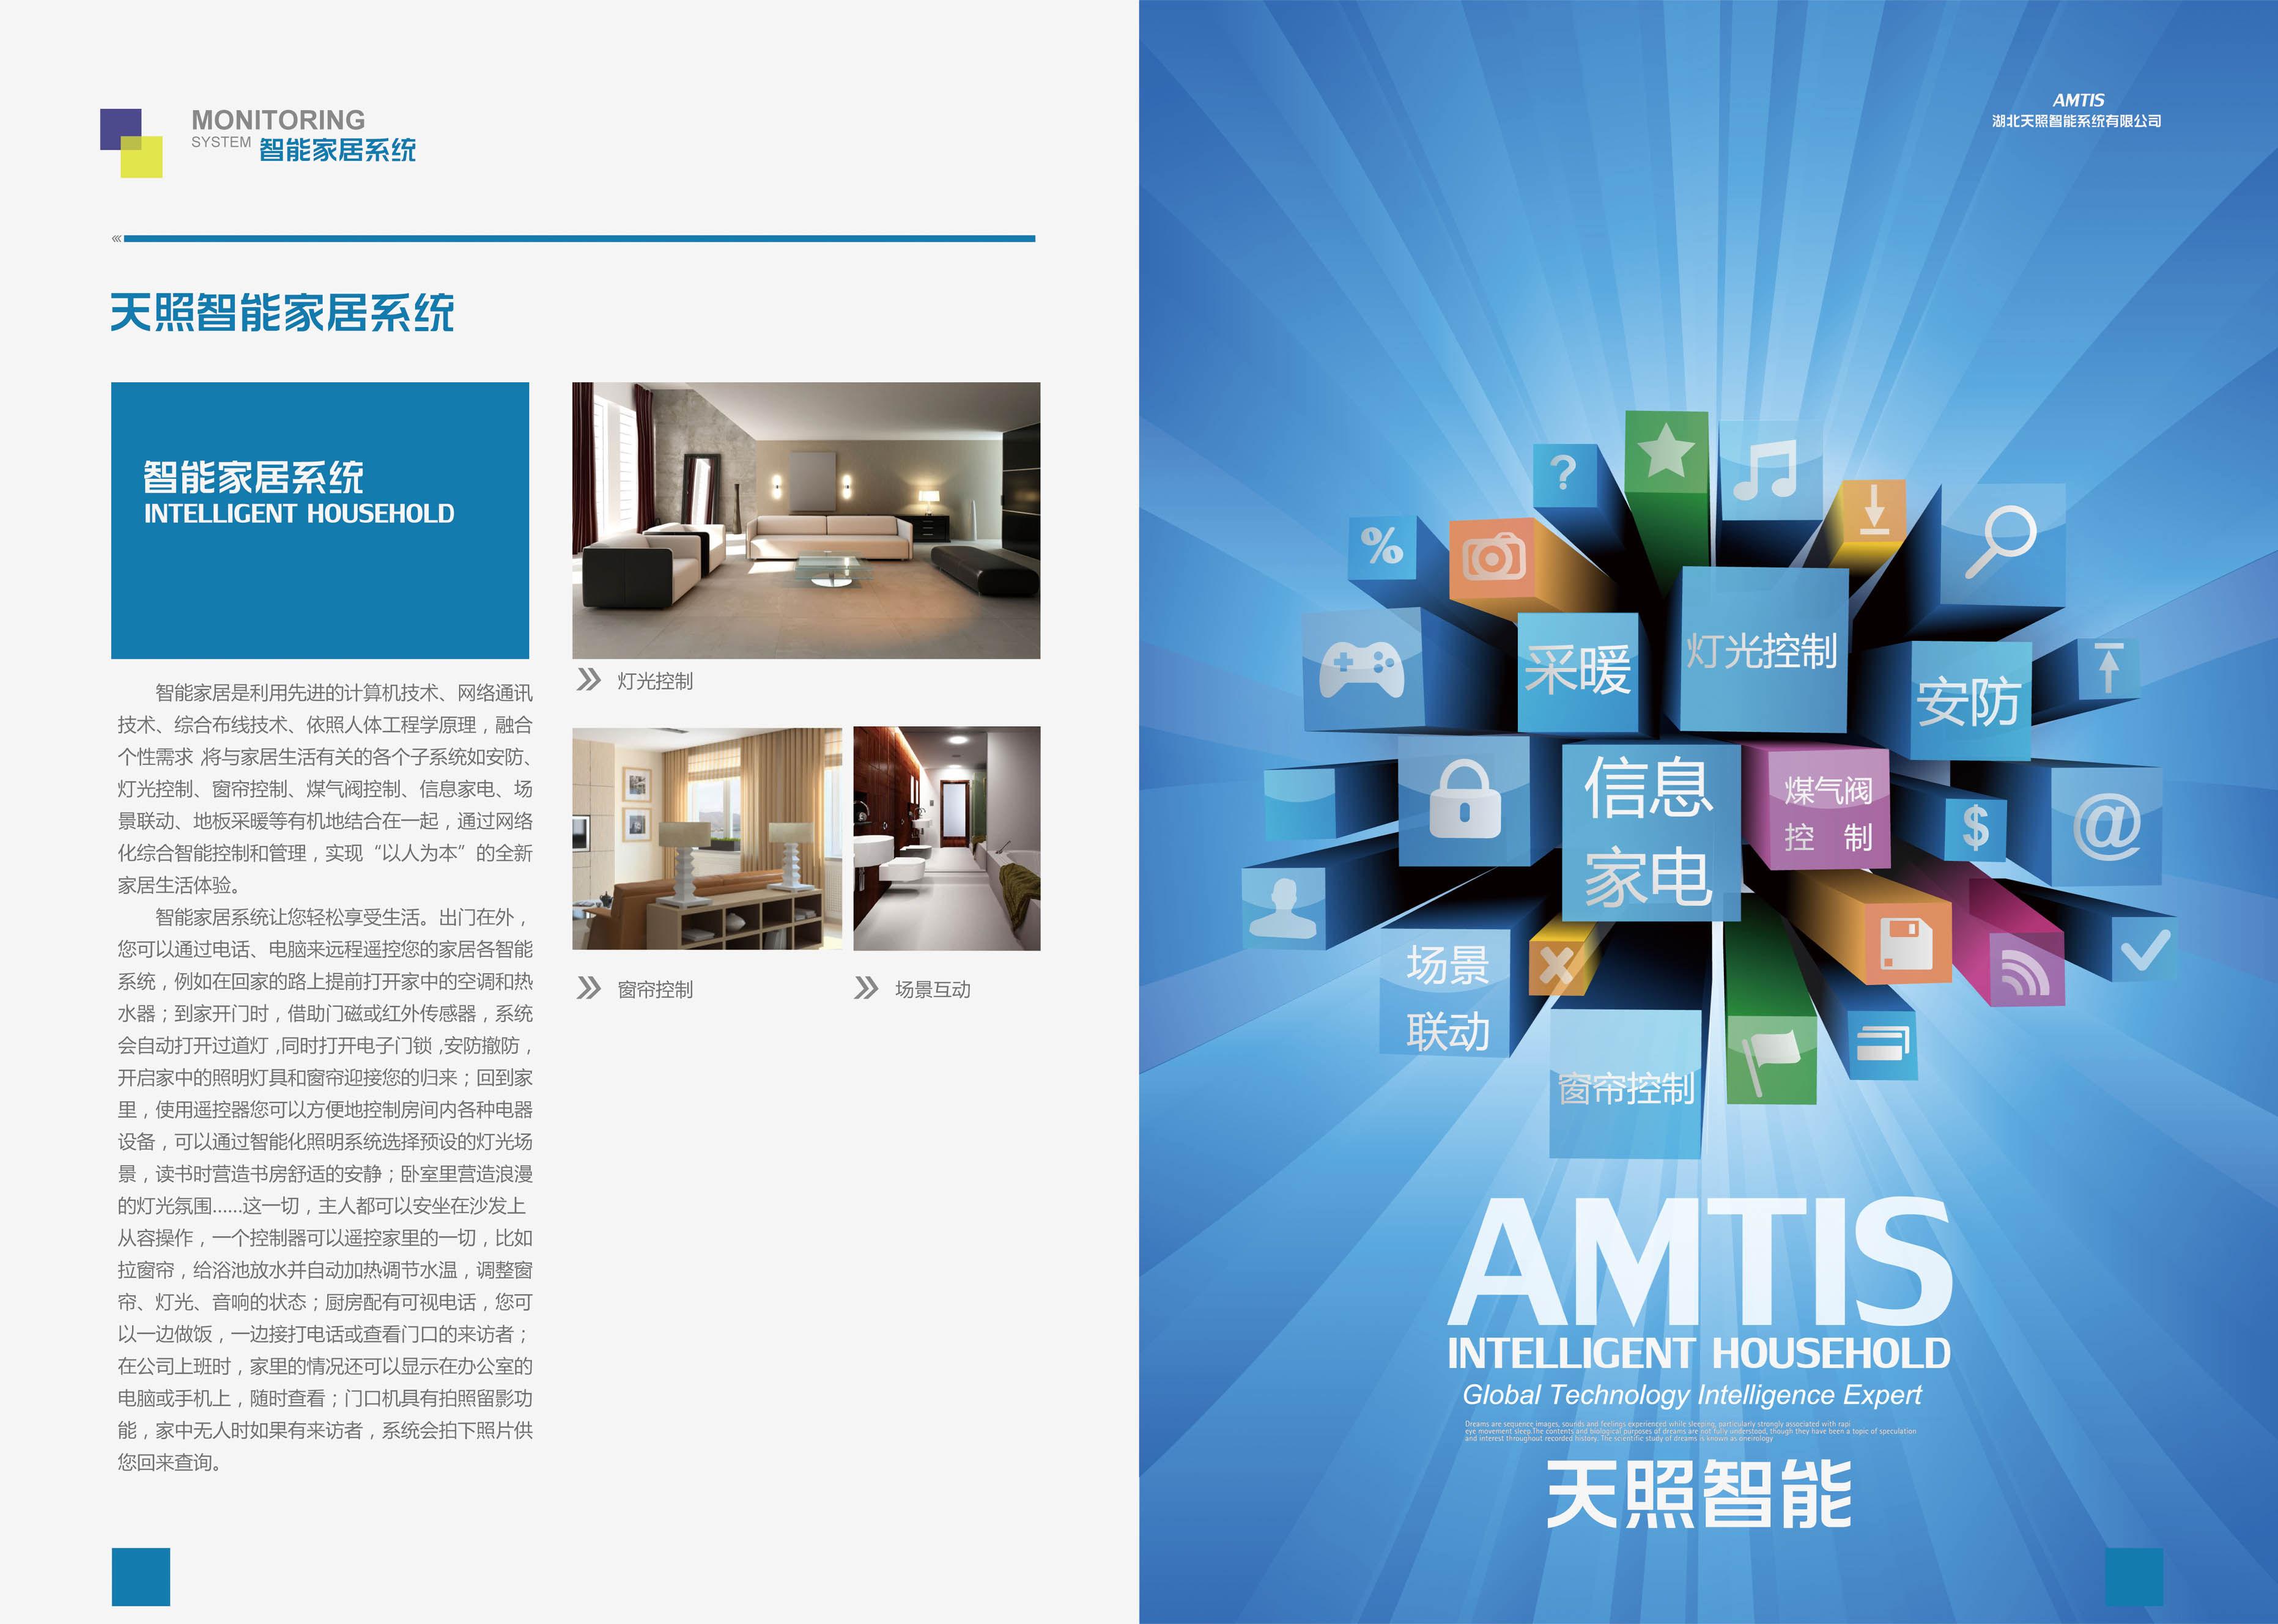 设计师愤怒的老鸟的空间 红动中国设计空间 智能家居画册设计 画册图片